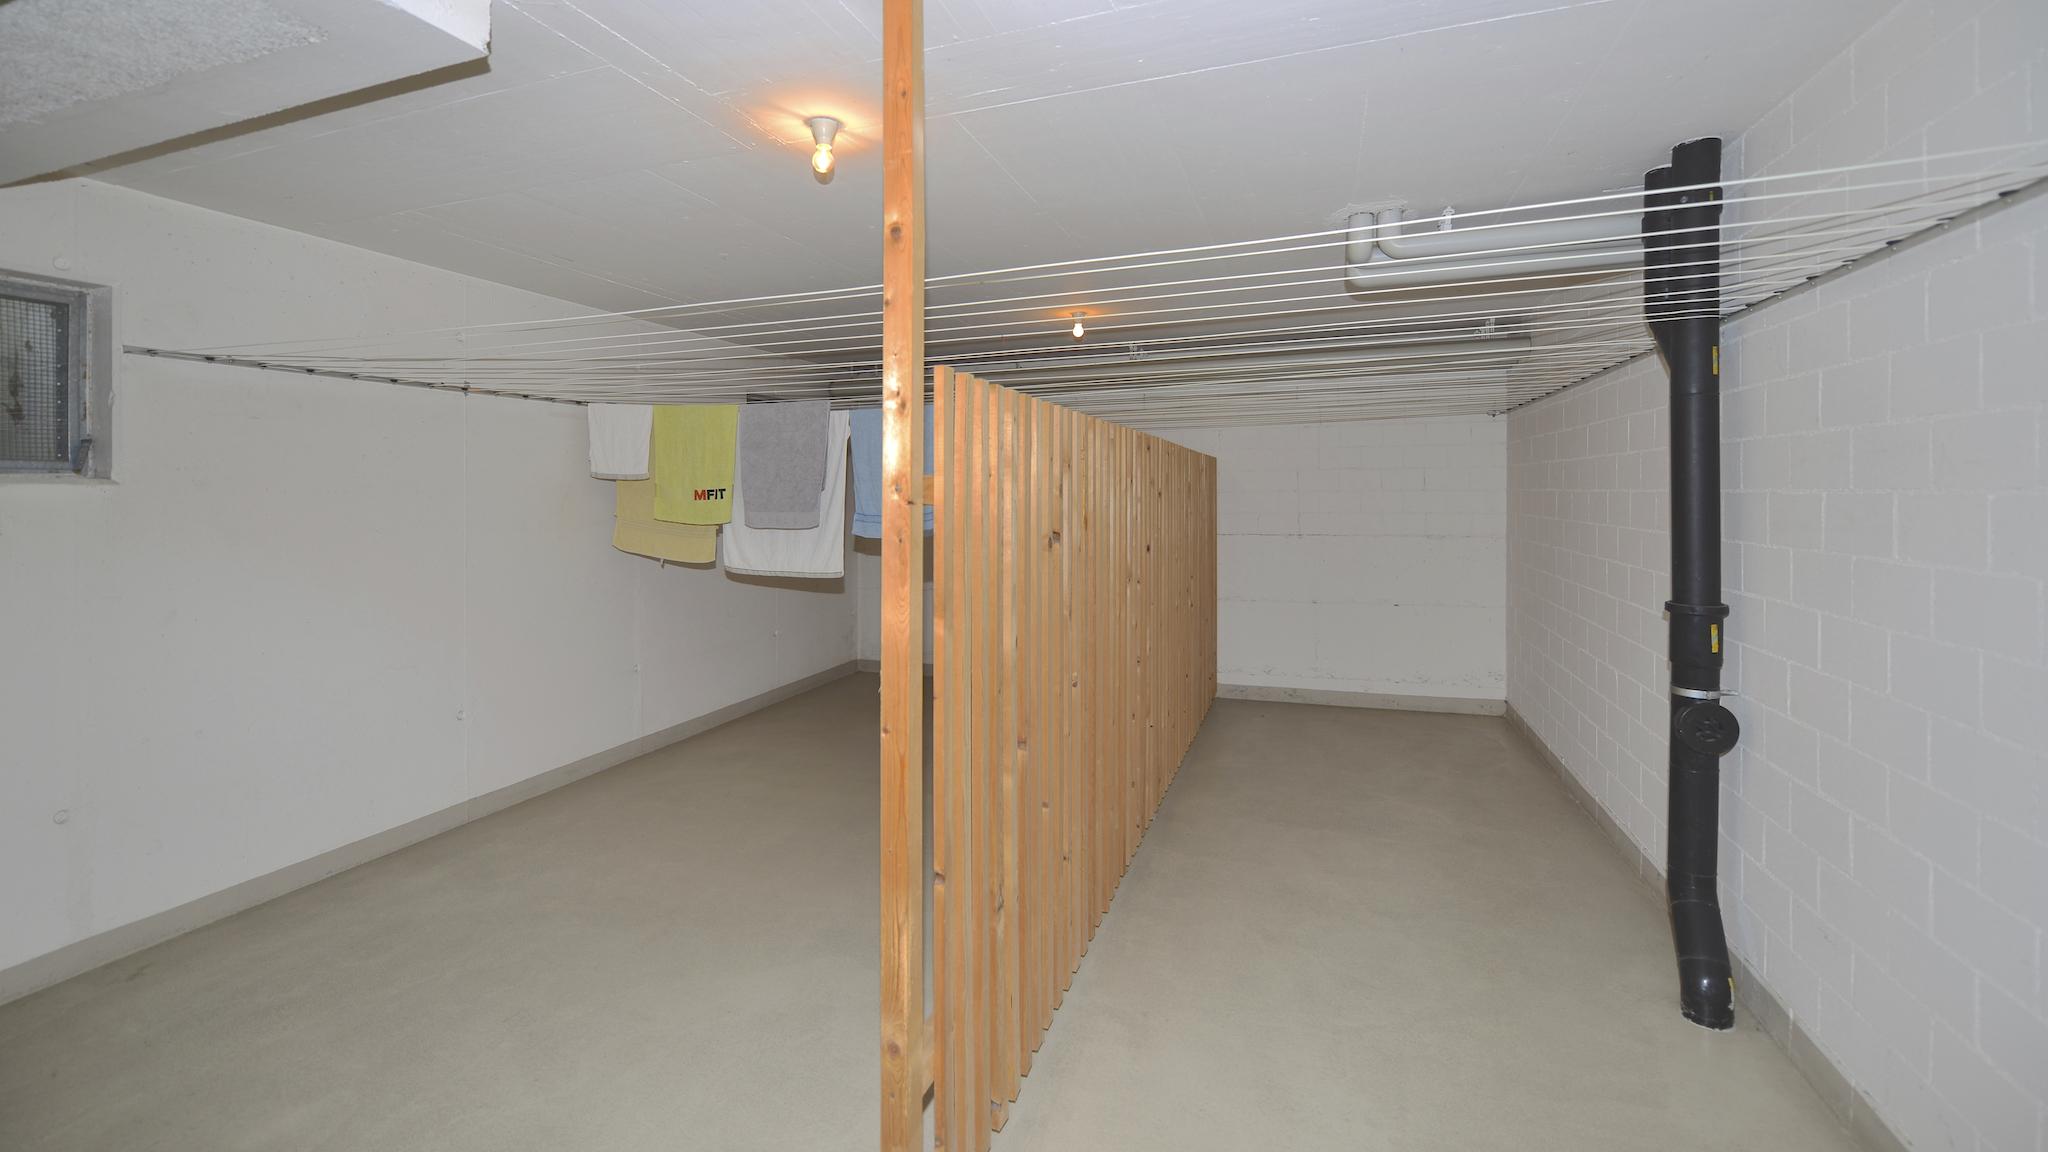 Trocknungsraum im Untergeschoss